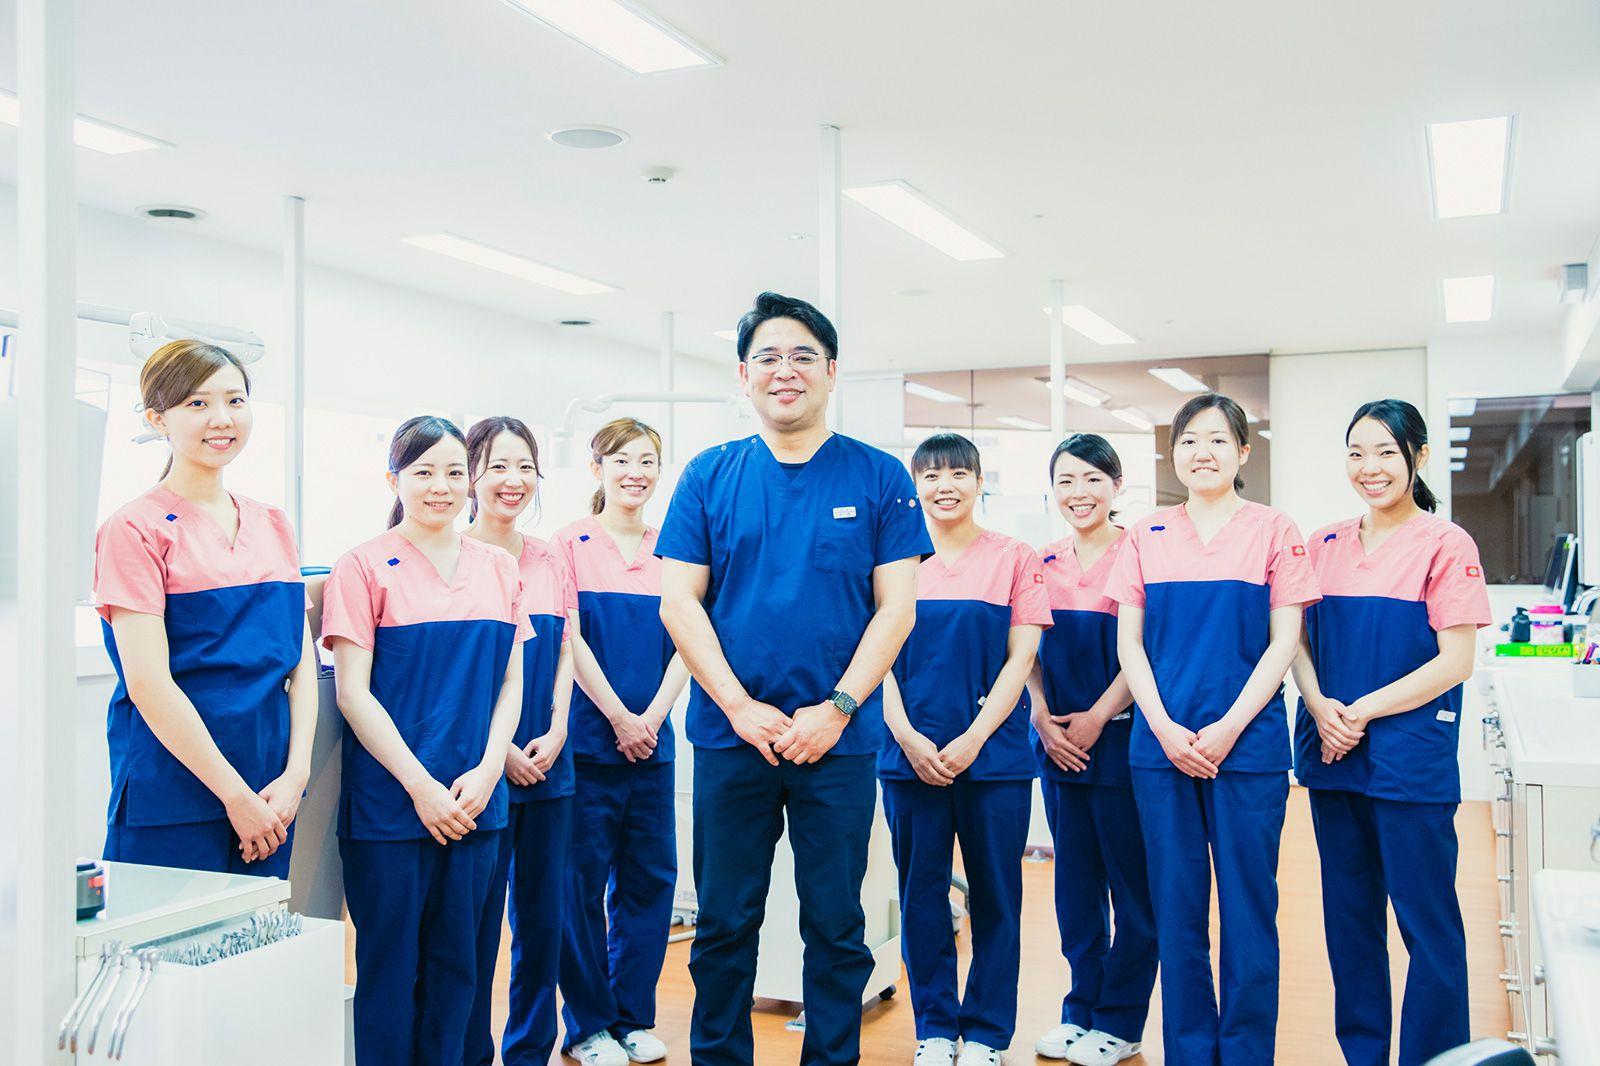 歯科 旭川 医 コロナ